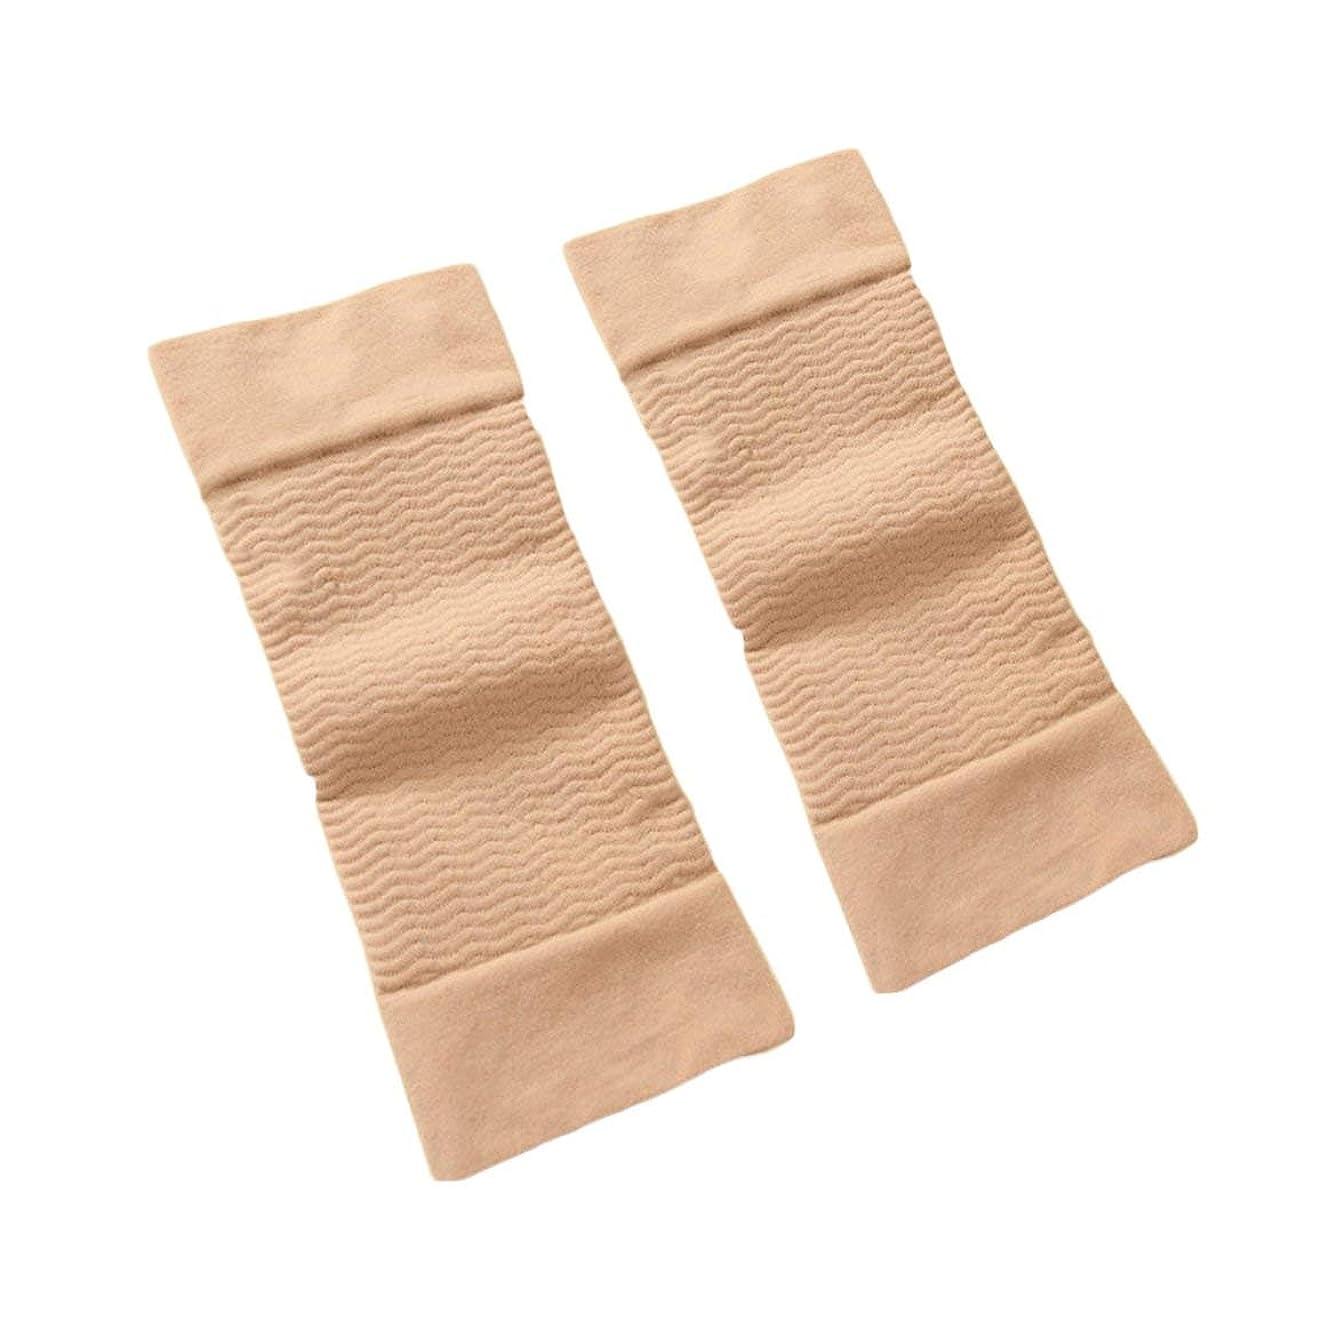 フィット無視黒くする1ペア420 D圧縮痩身アームスリーブワークアウトトーニングバーンセルライトシェイパー脂肪燃焼袖用女性 - 肌色